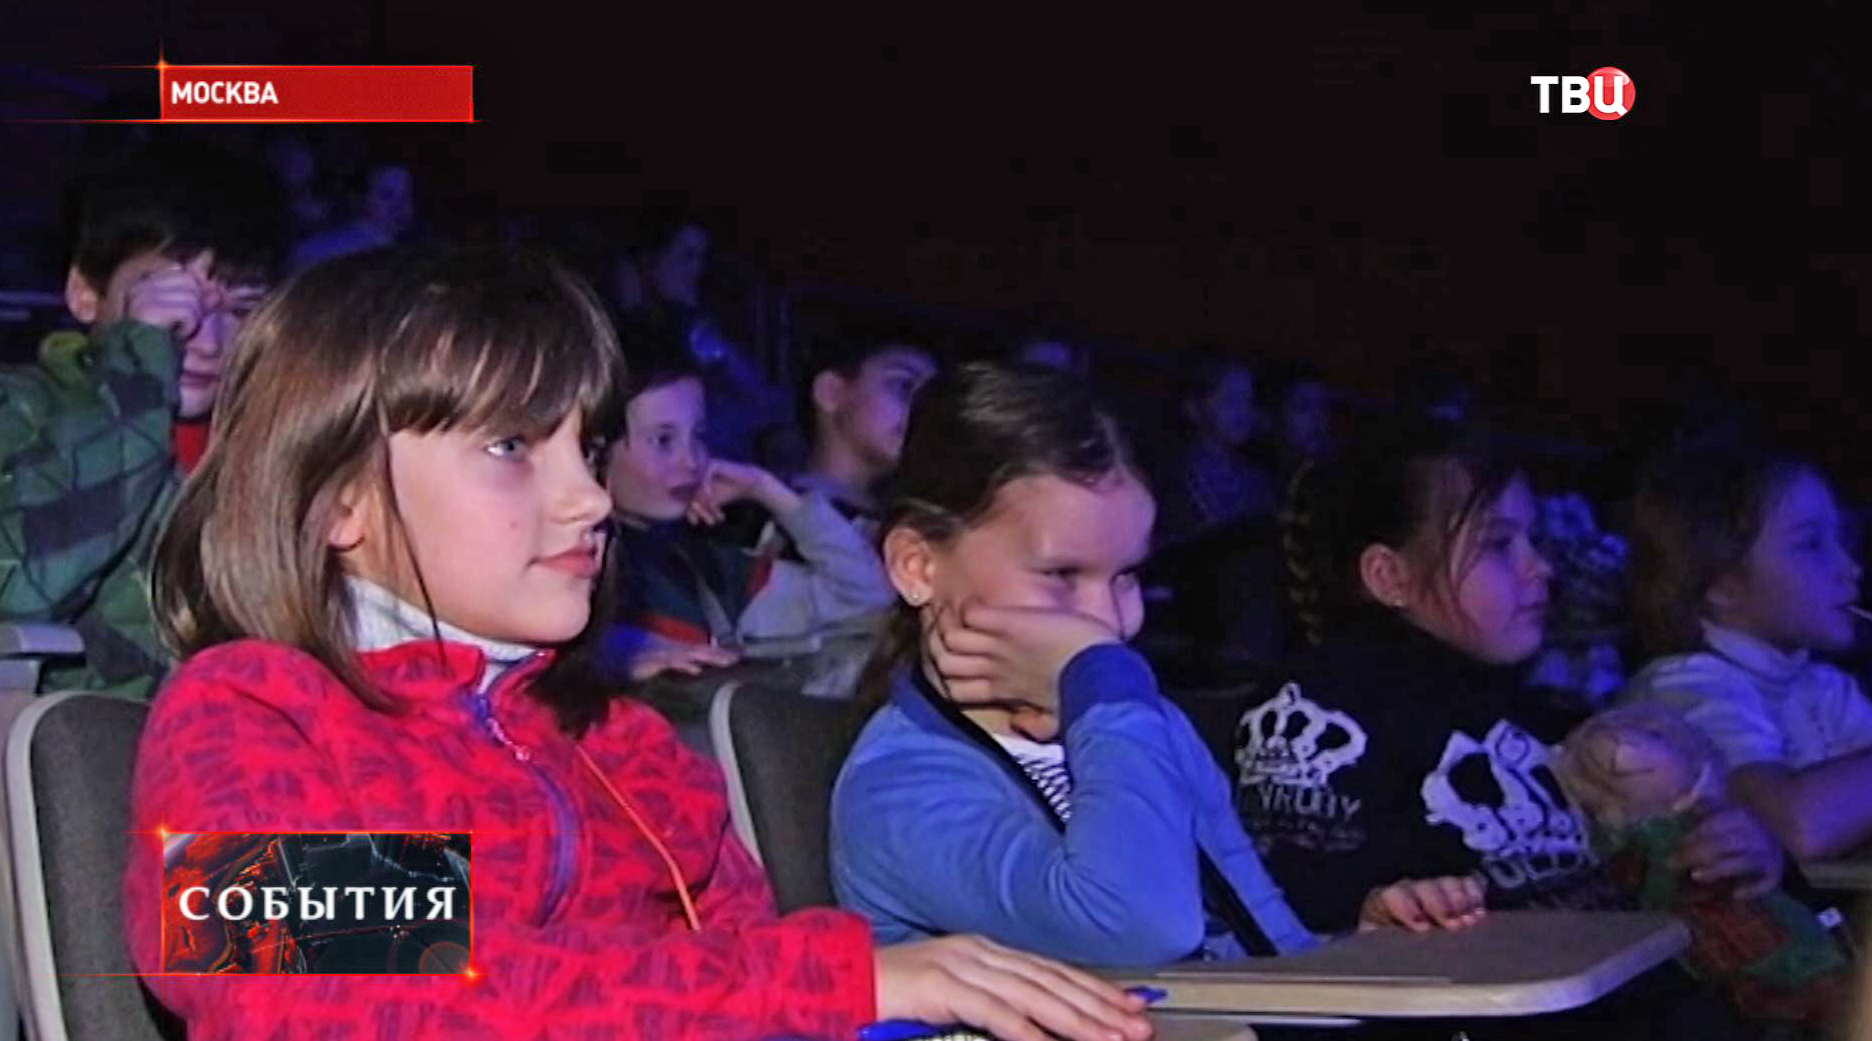 Дети во время спектакля